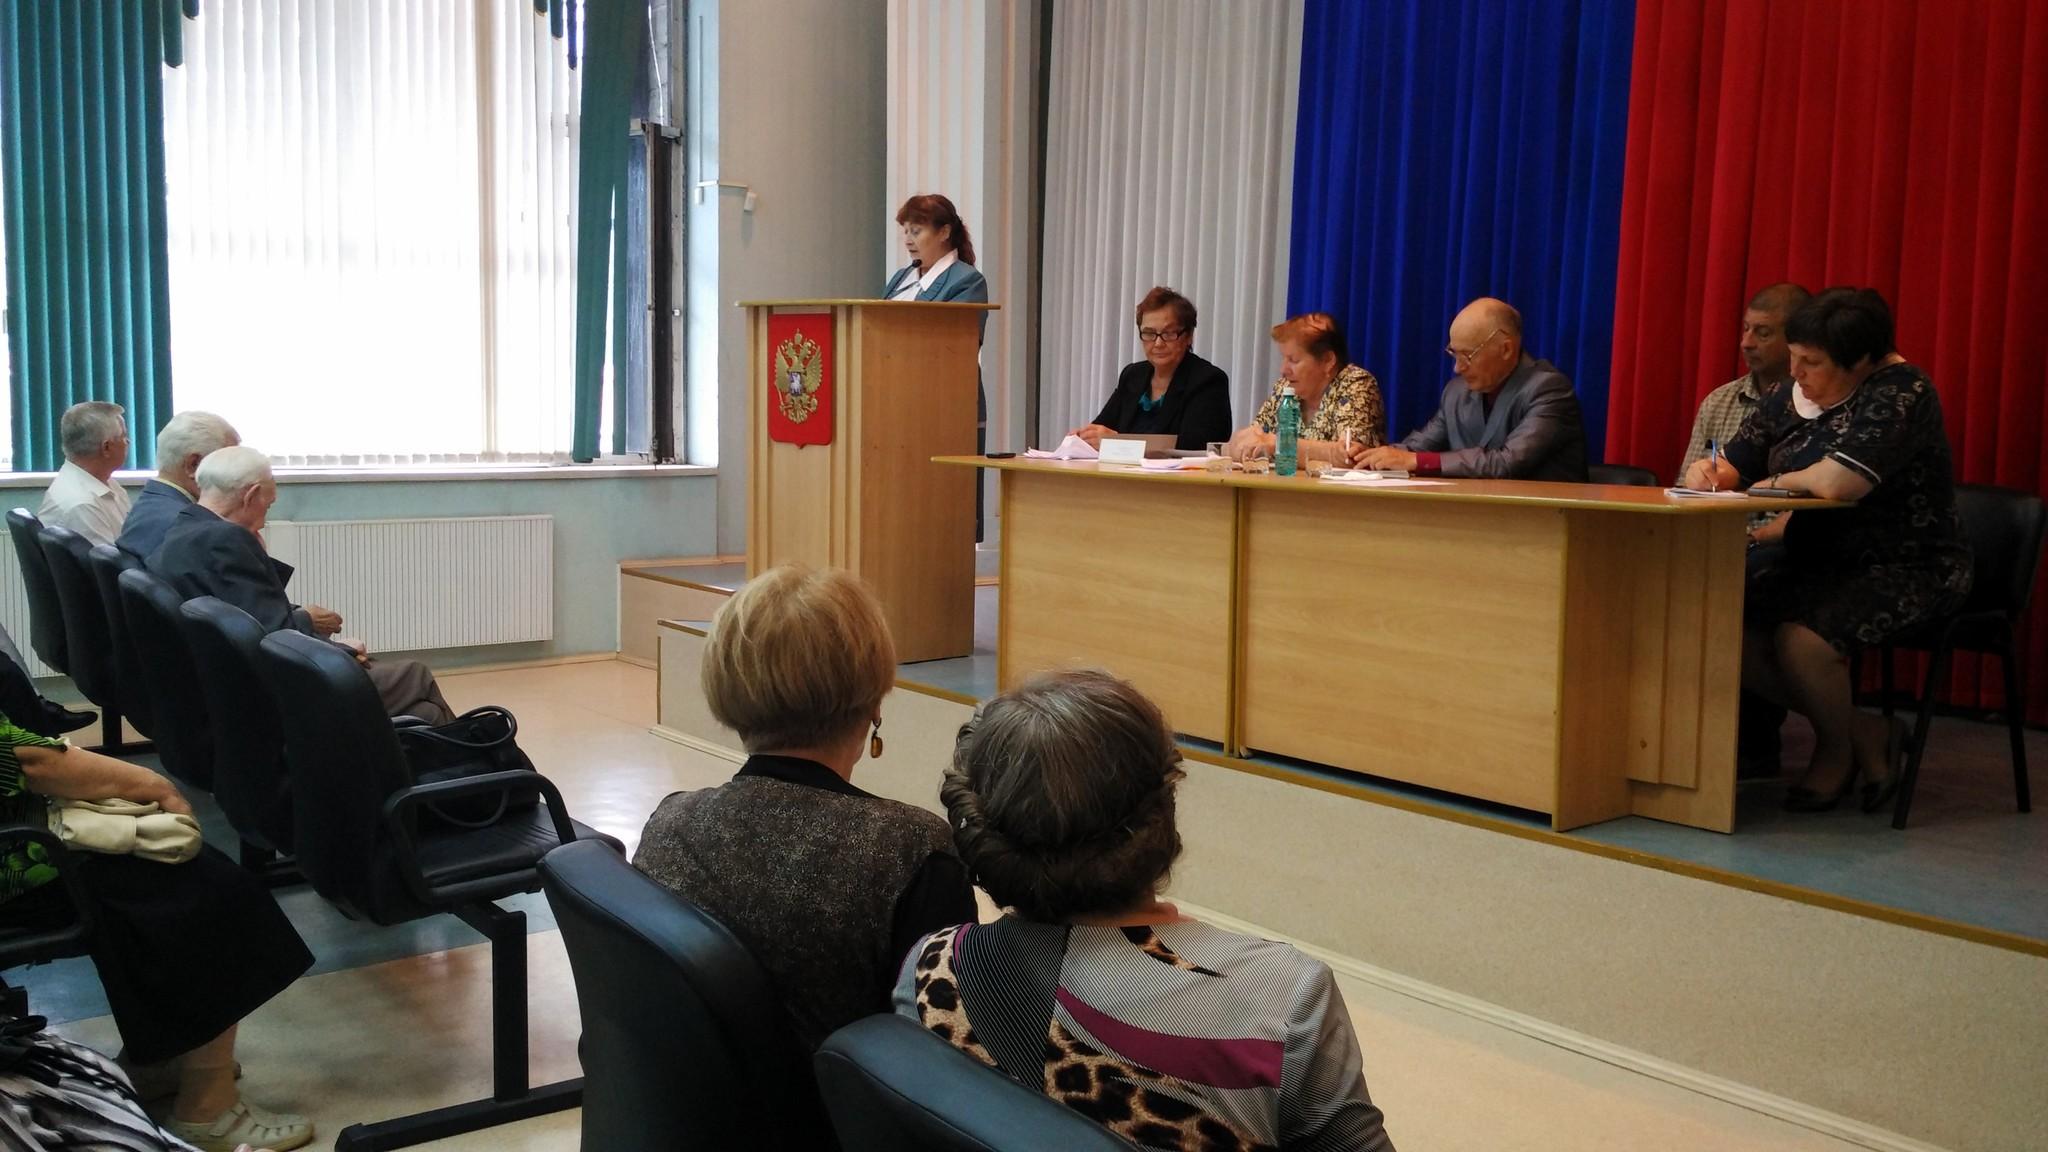 Пленум Совета ветеранов Курчатовского района